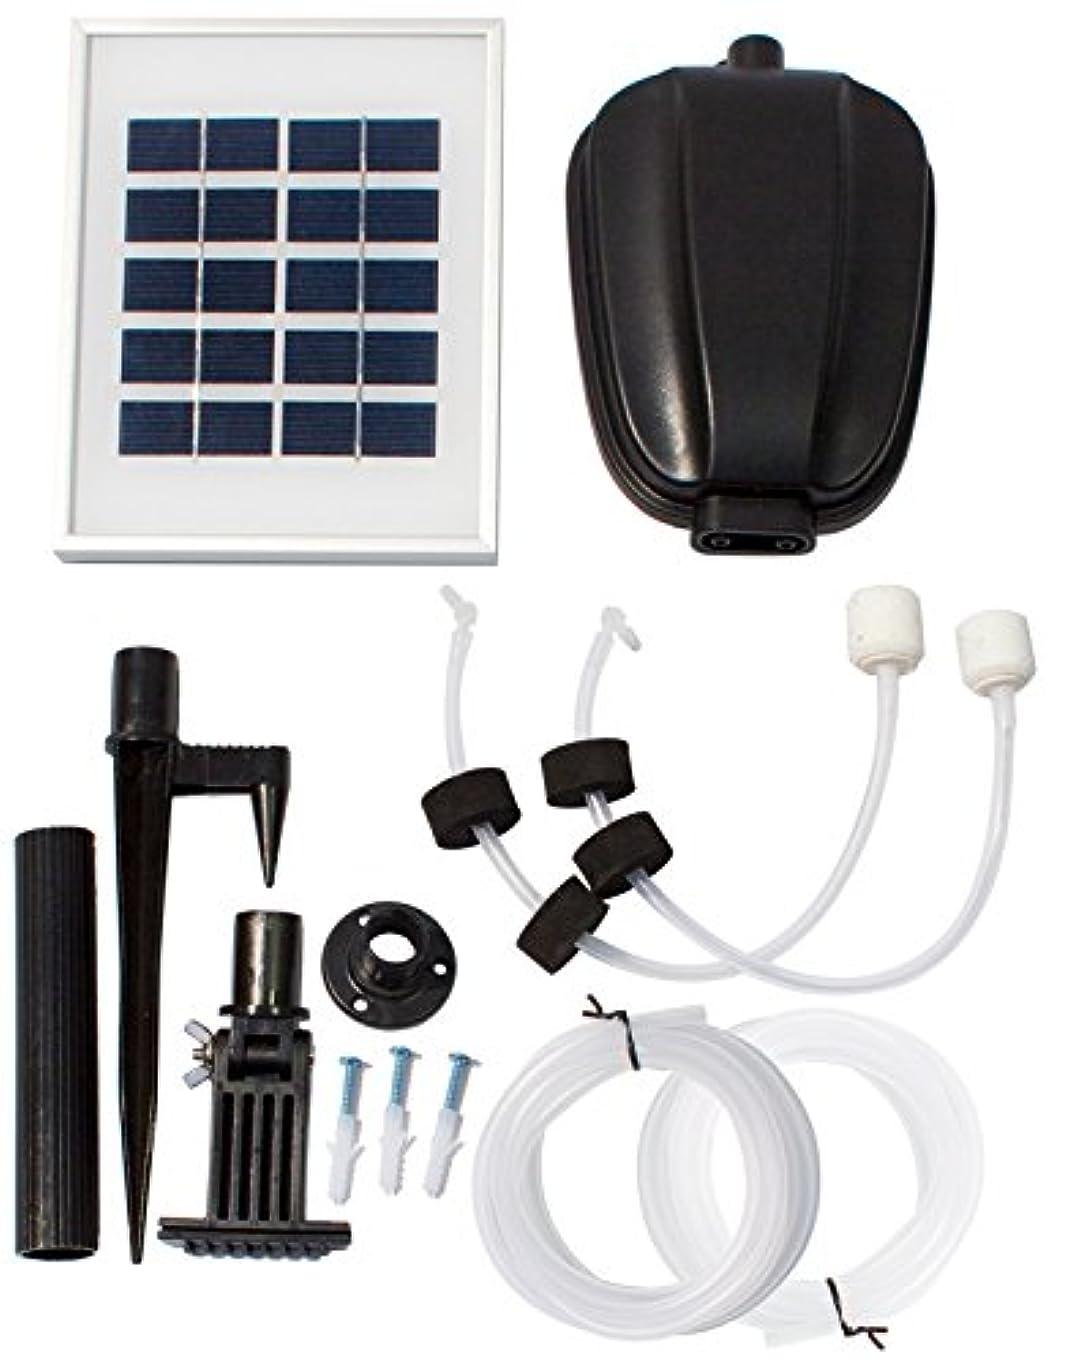 話をする局動池用ソーラー式通気-酸素供給器(酸素ポンプ)、散気口2個つき - WF9750